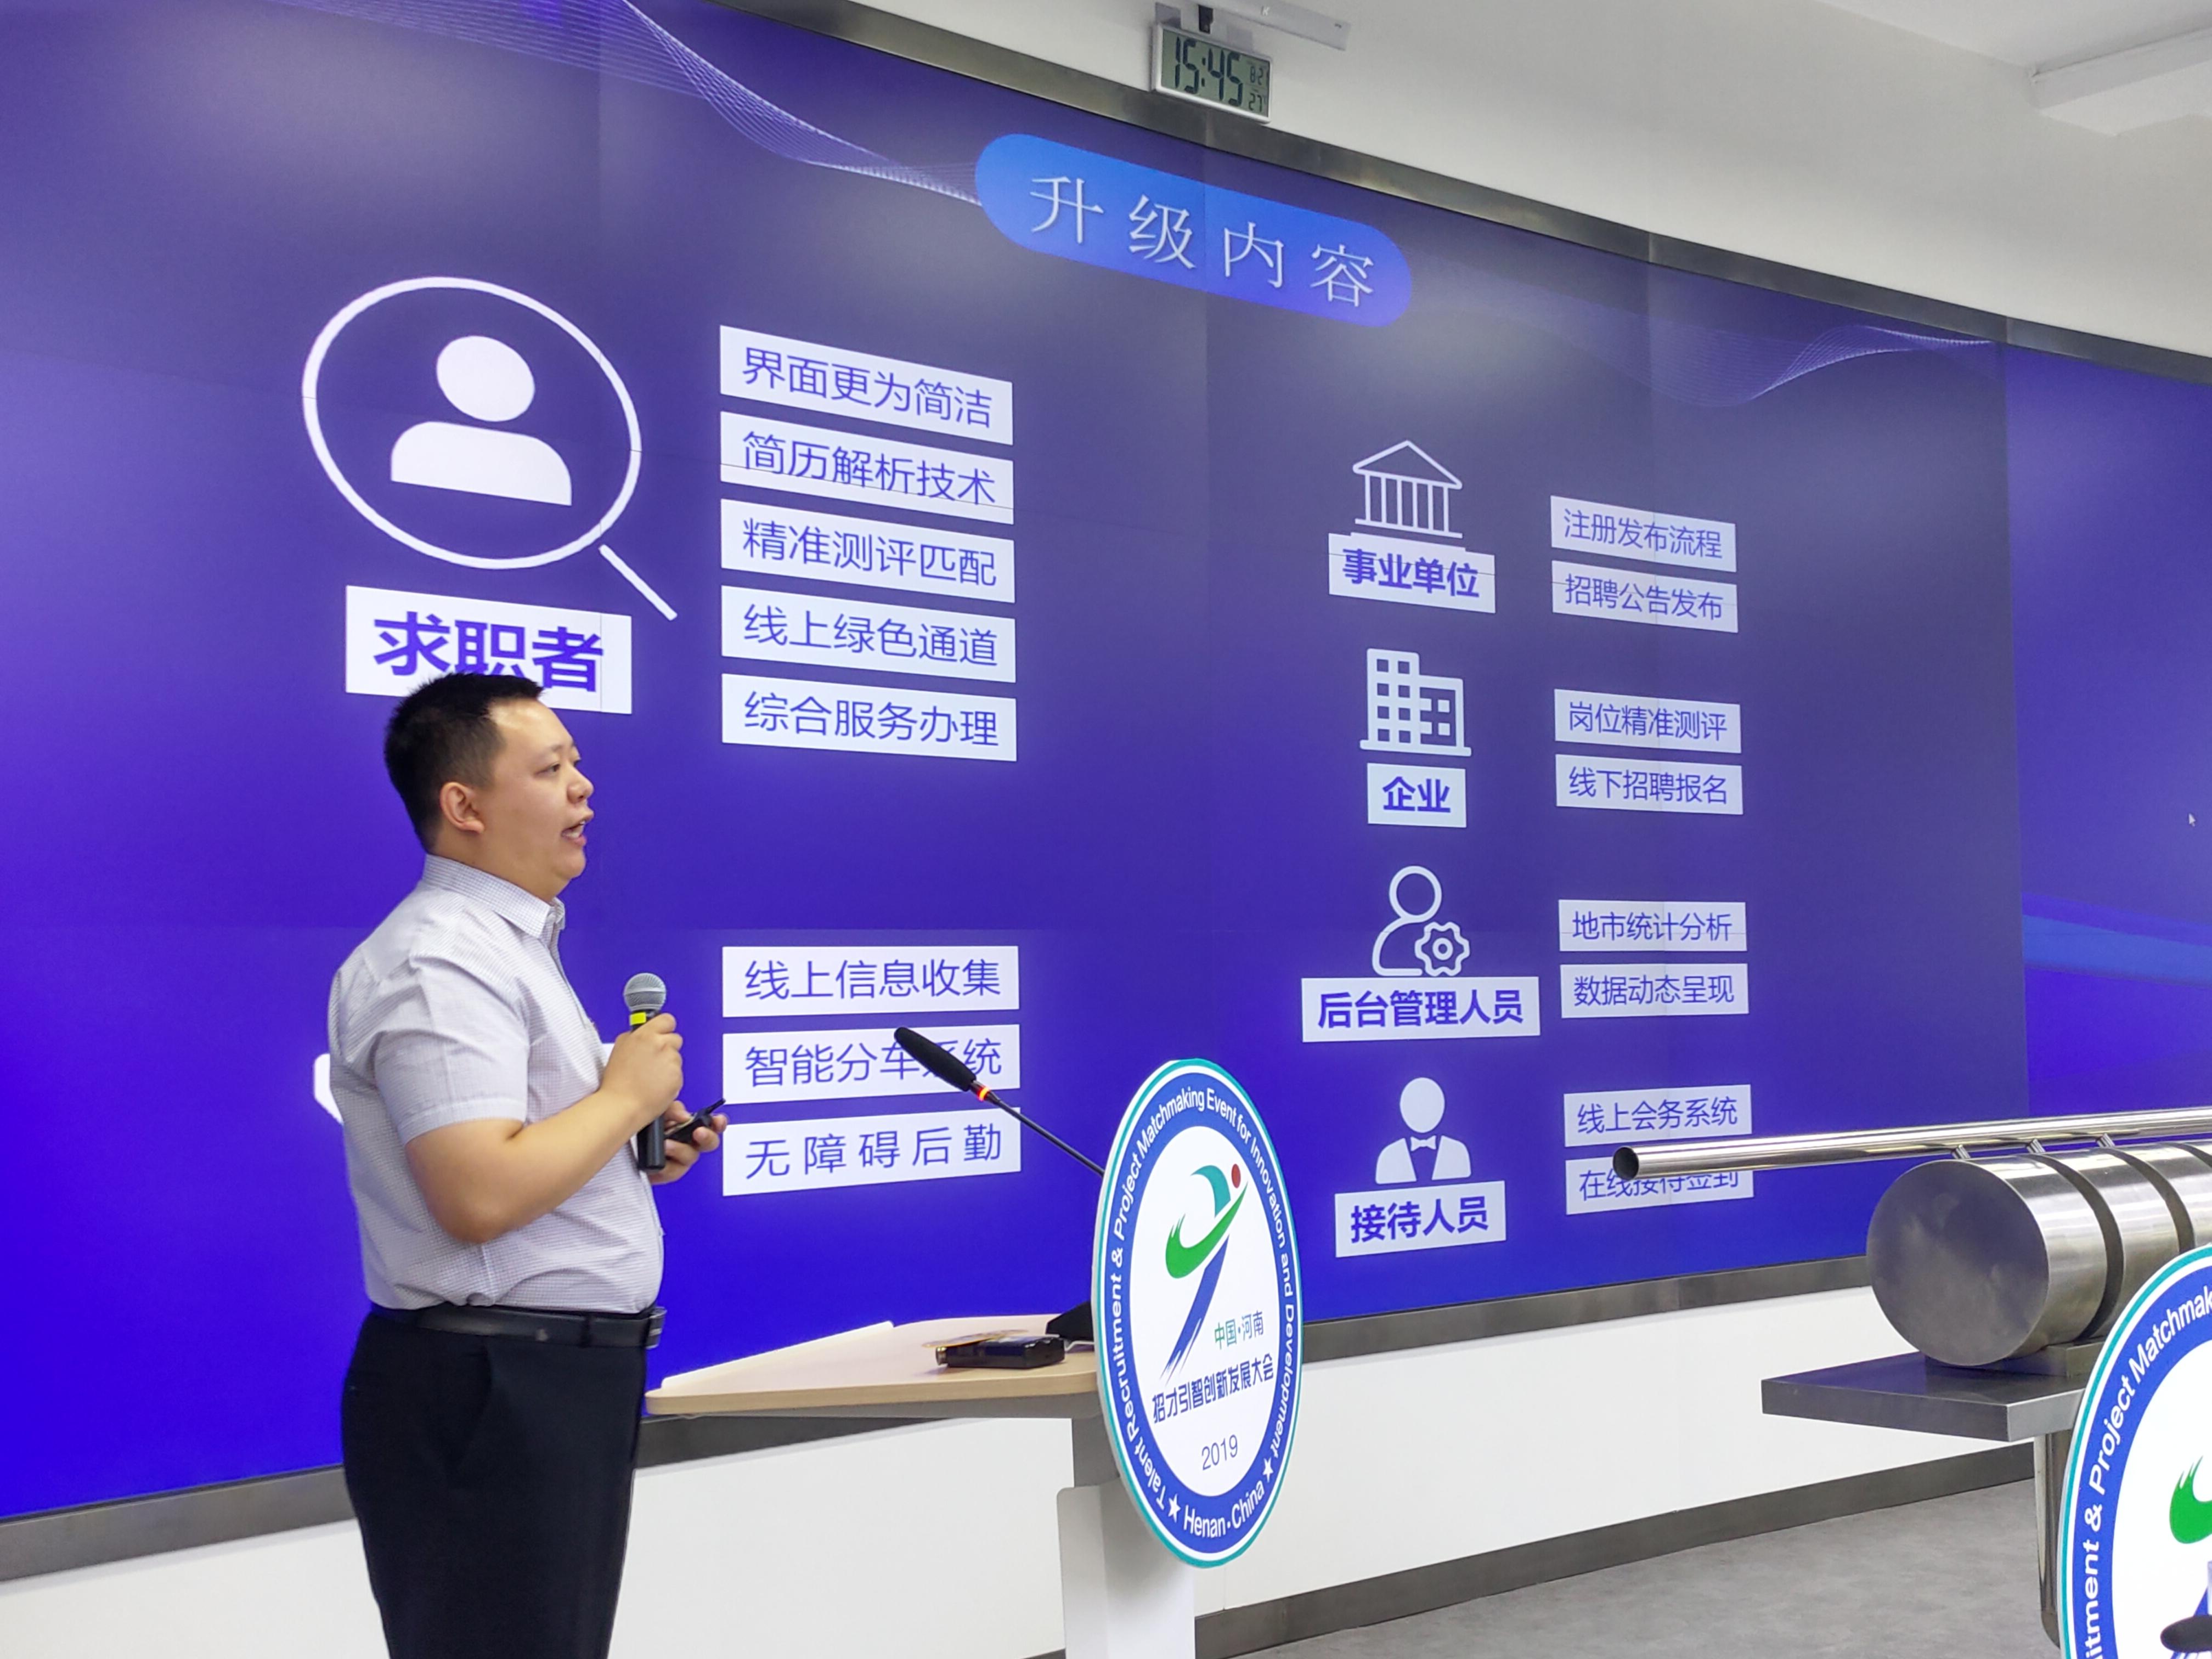 第二届中国·河南招才引智创新发展大会网络平台2.0版本上线 汇集四大亮点